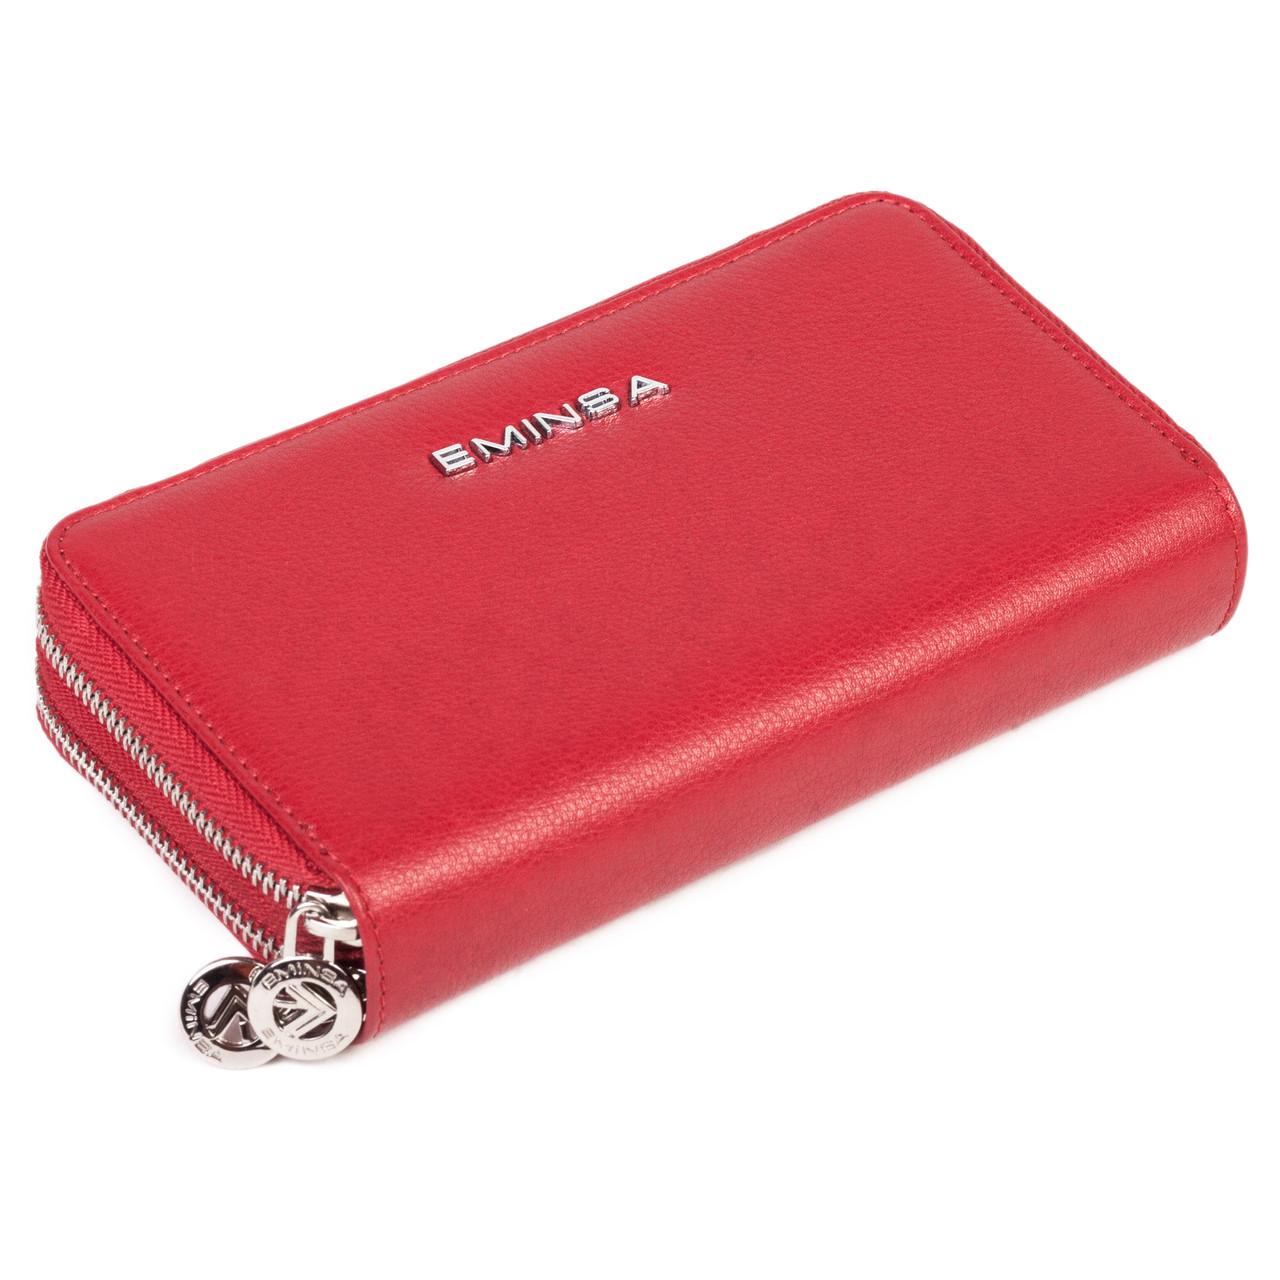 Женский кошелек-клатч Eminsa 2095-12-5 кожаный красный